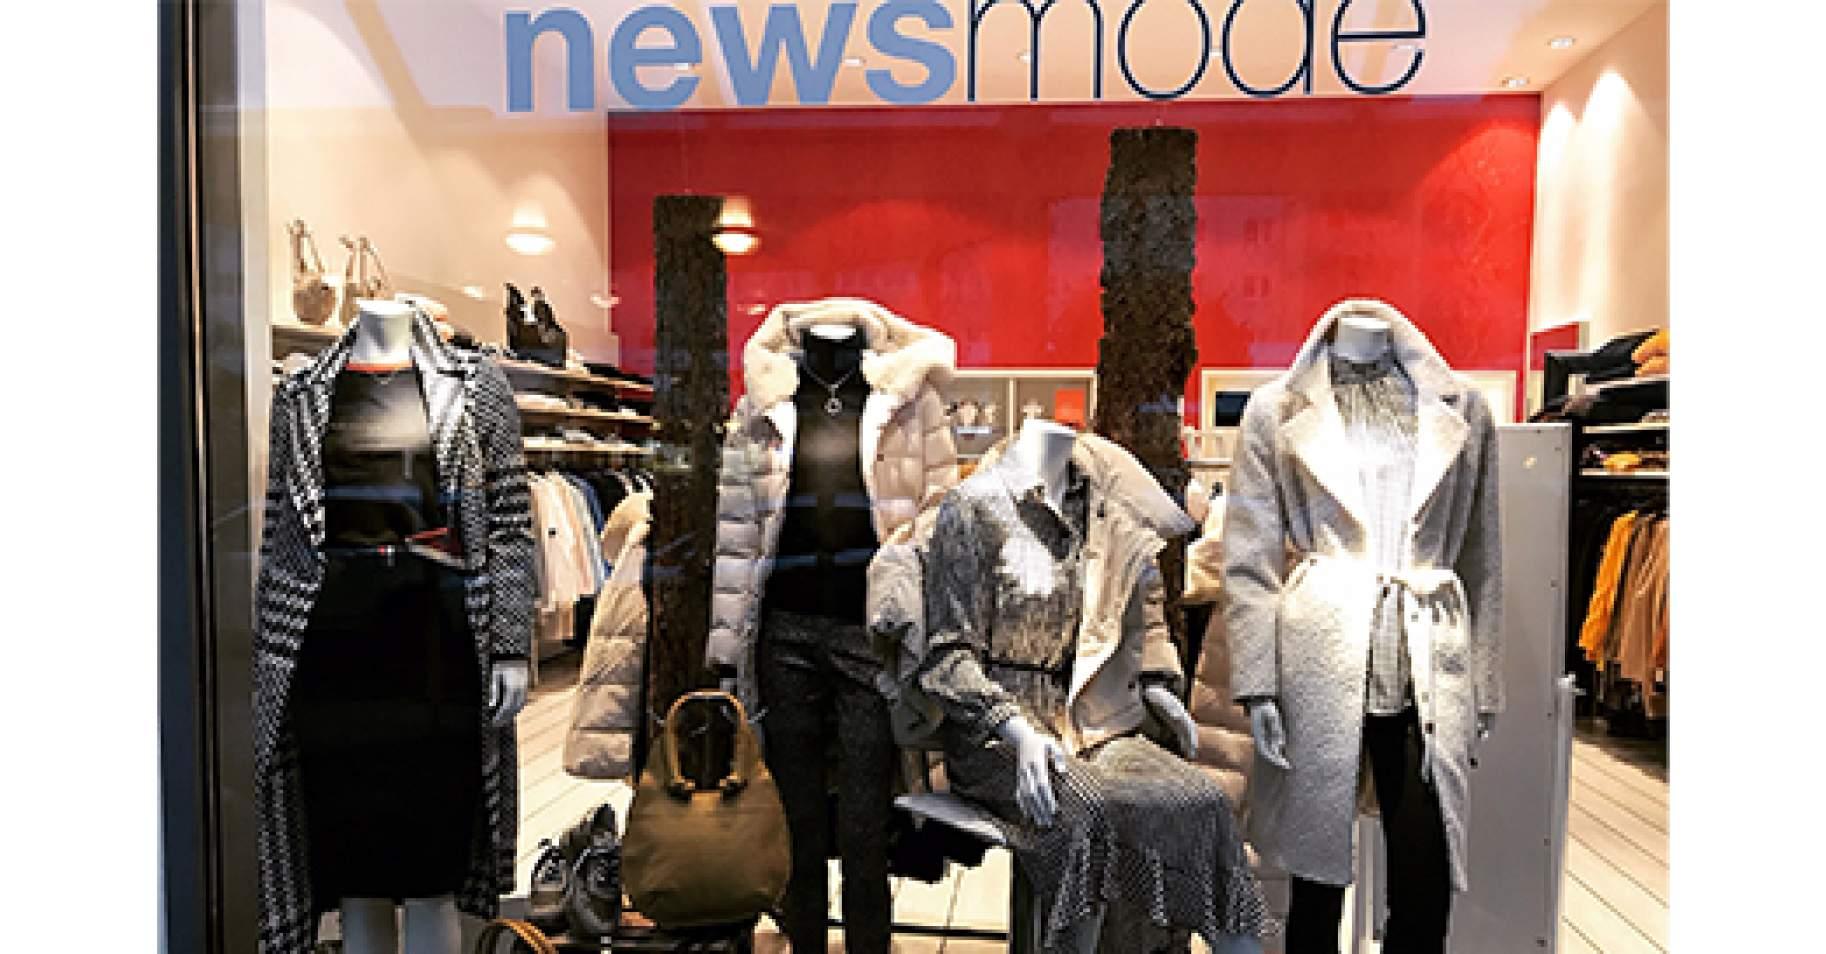 News mode